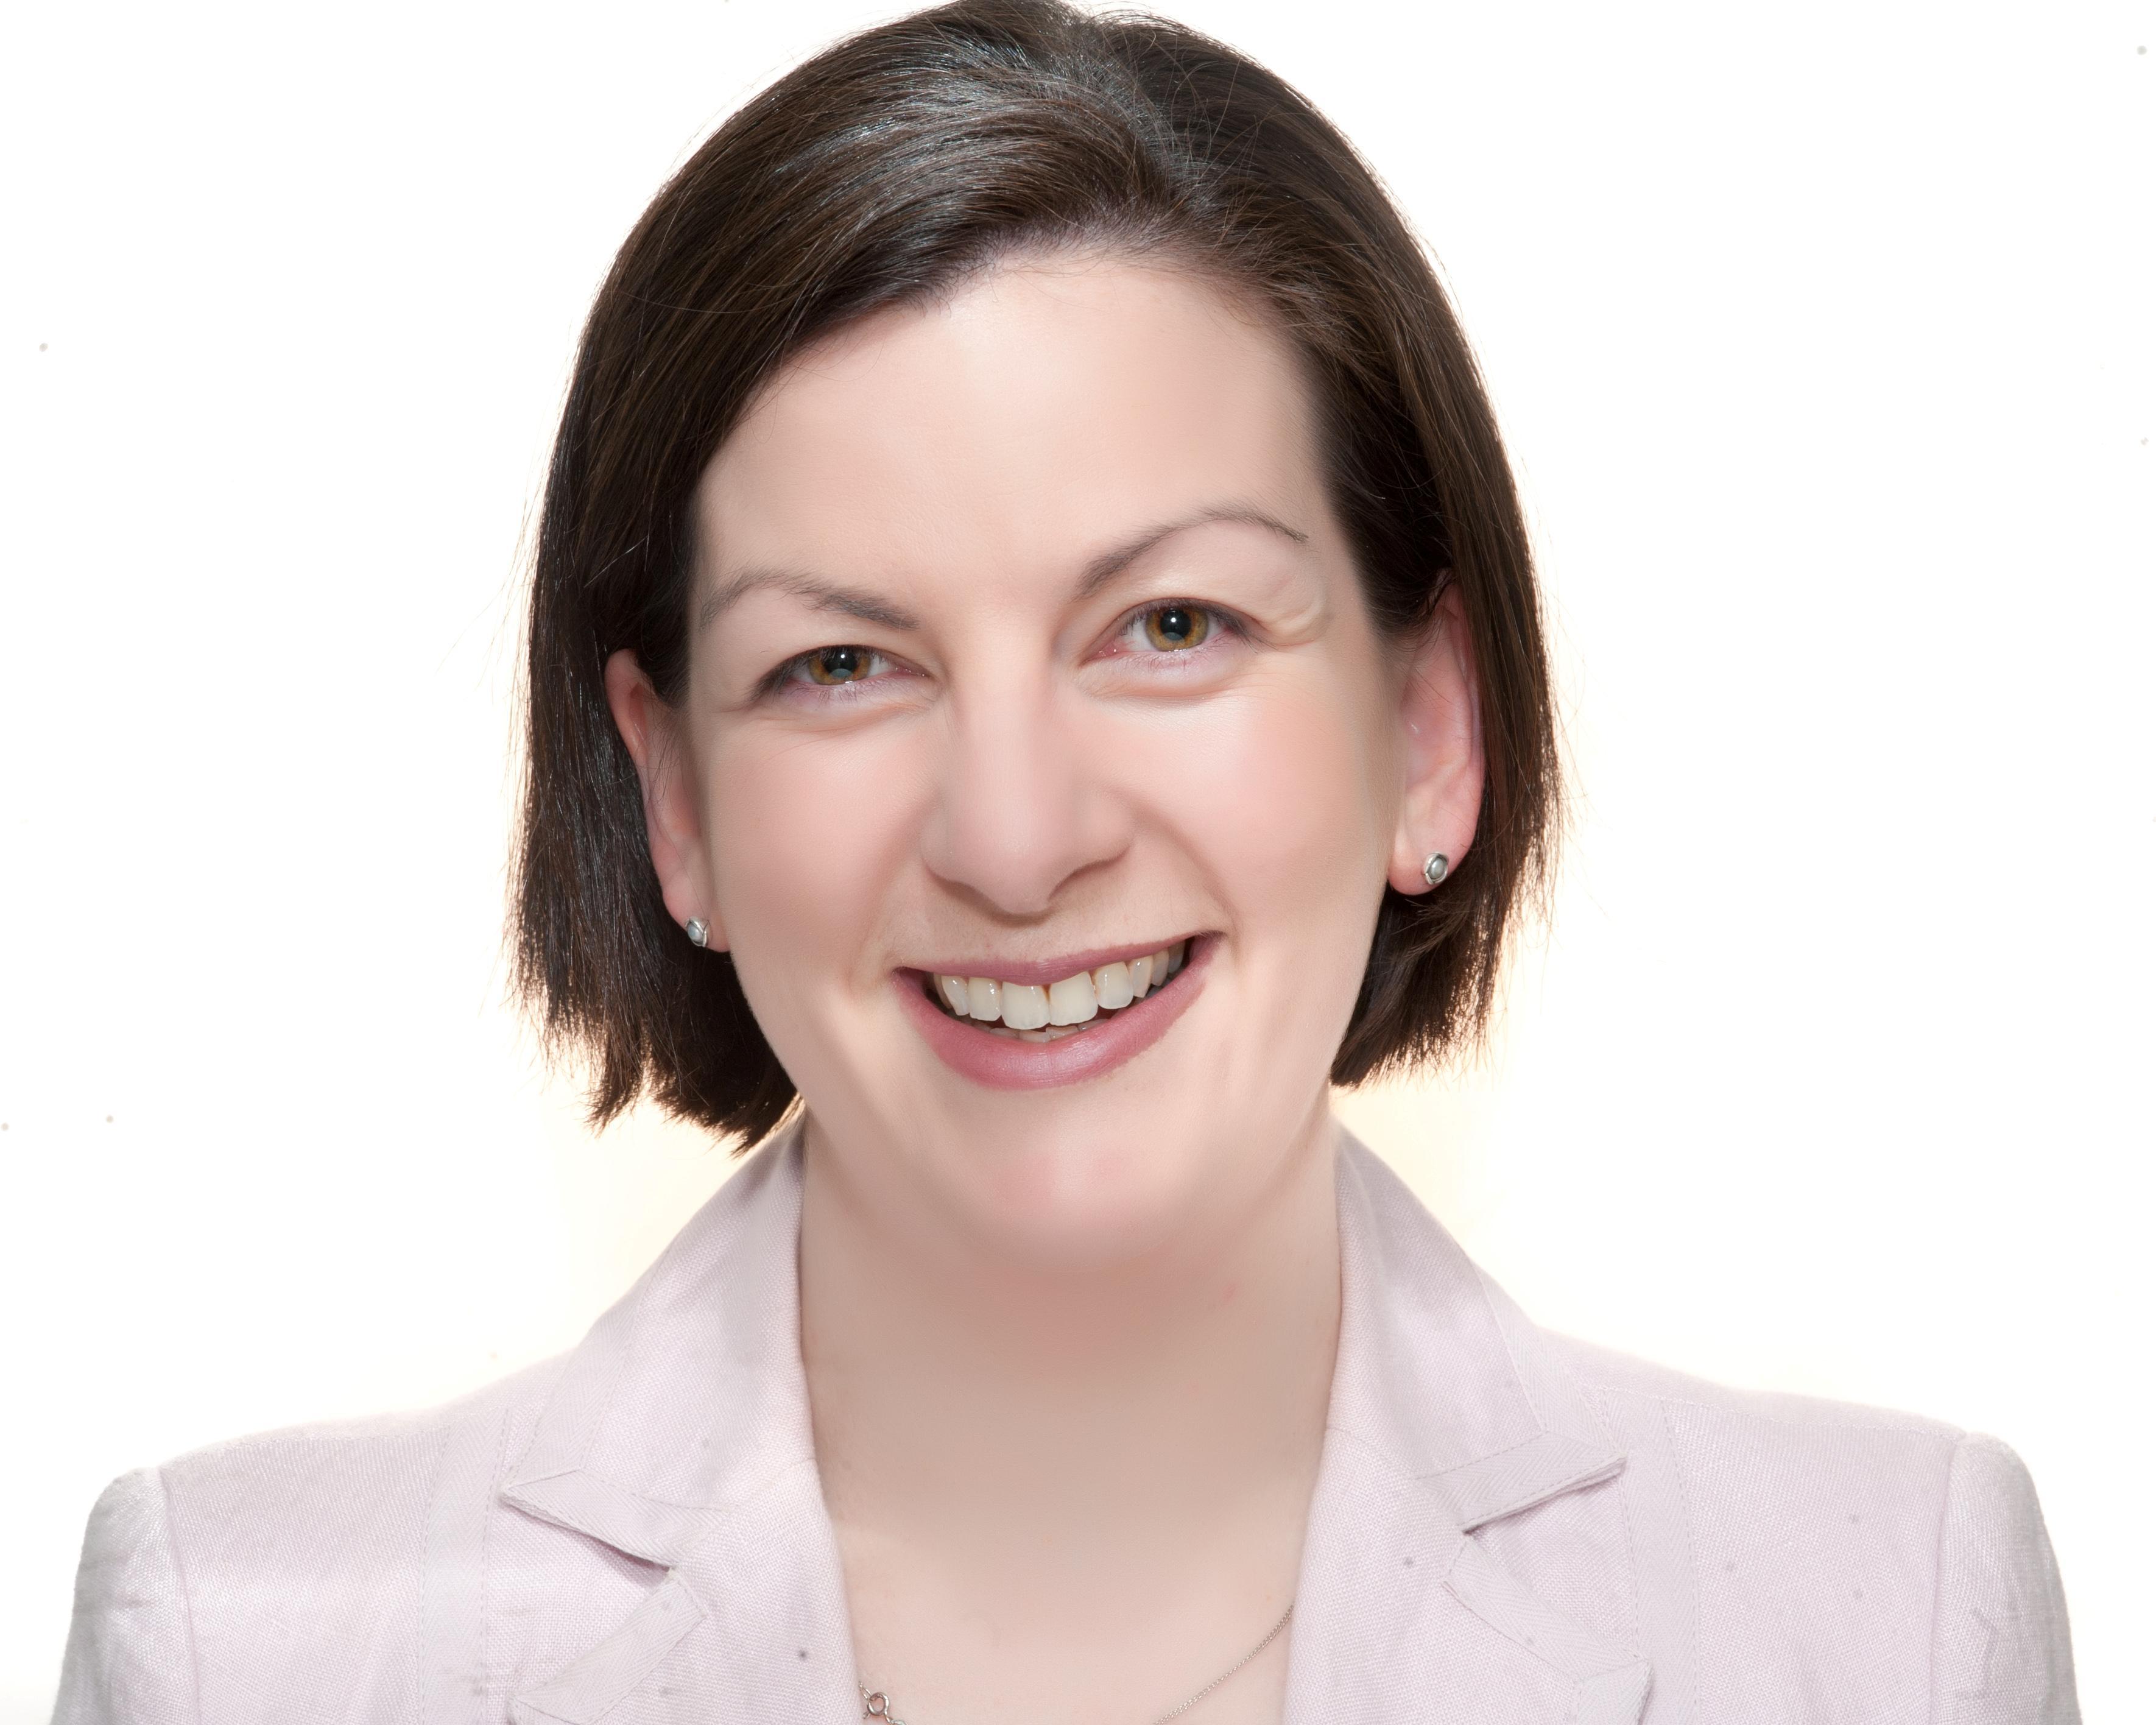 Dr. Carol O'Callaghan